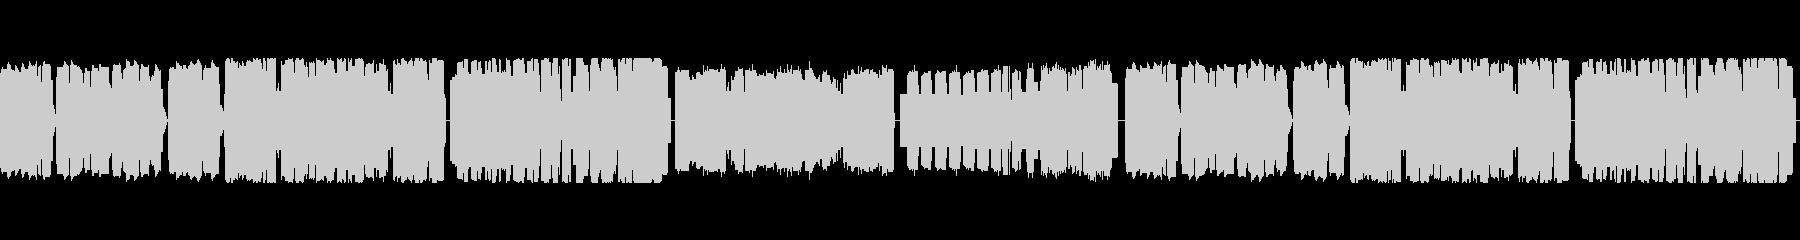 童謡「たなばたさま」をファミコン風音源での未再生の波形